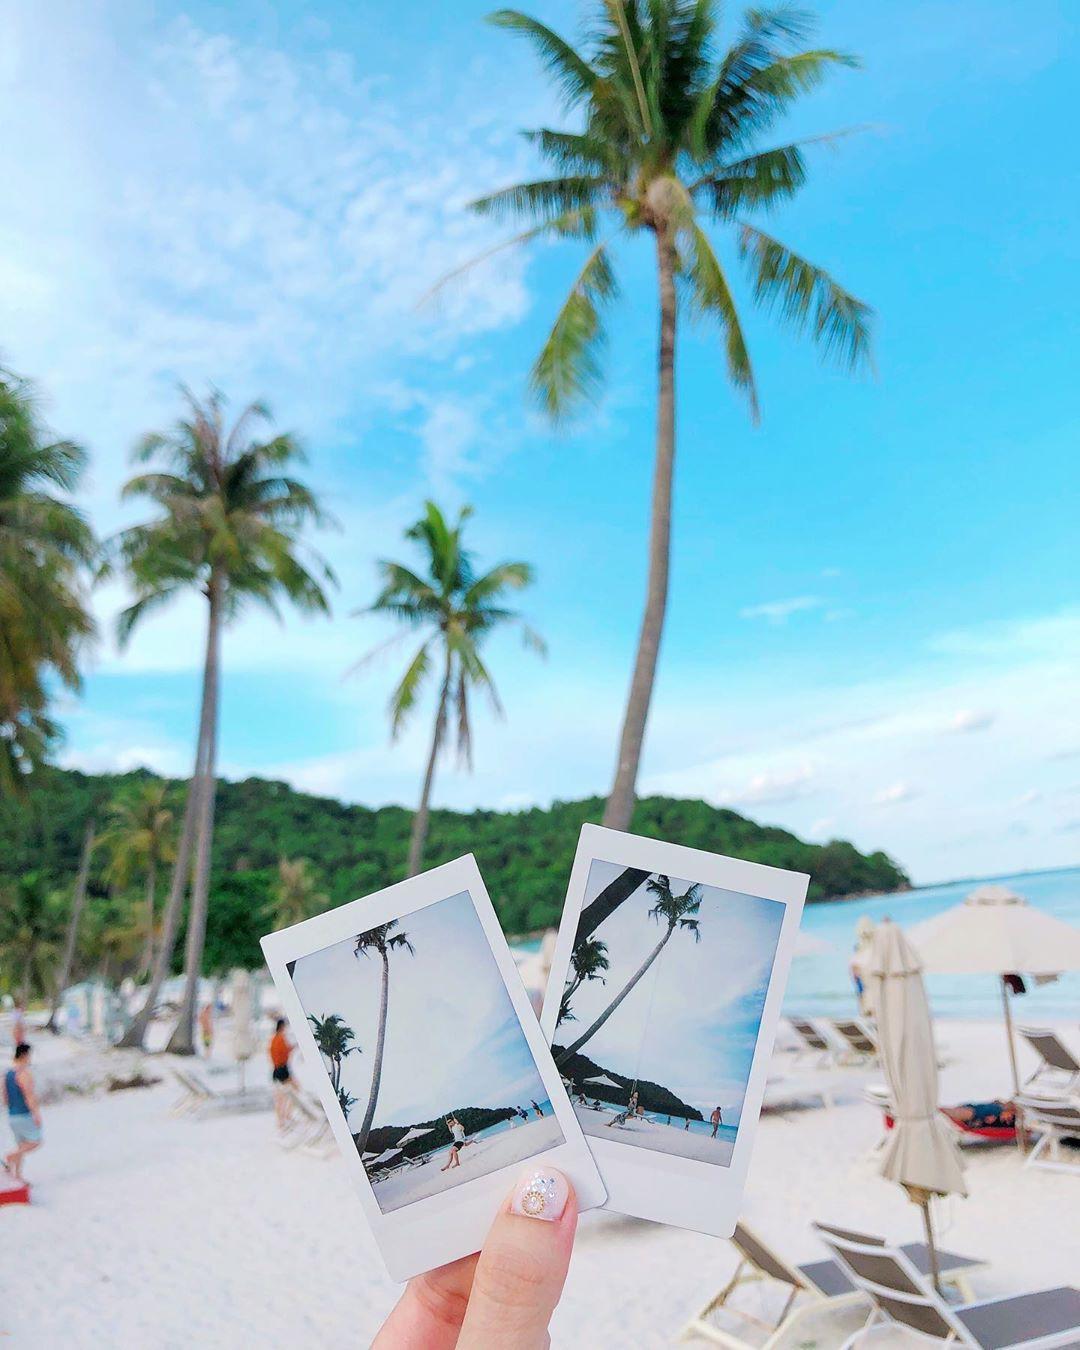 Cảnh sắc mùa hè rộng ràng tại Premier Residences Phu Quoc Emerald Bay - Ảnh 1.